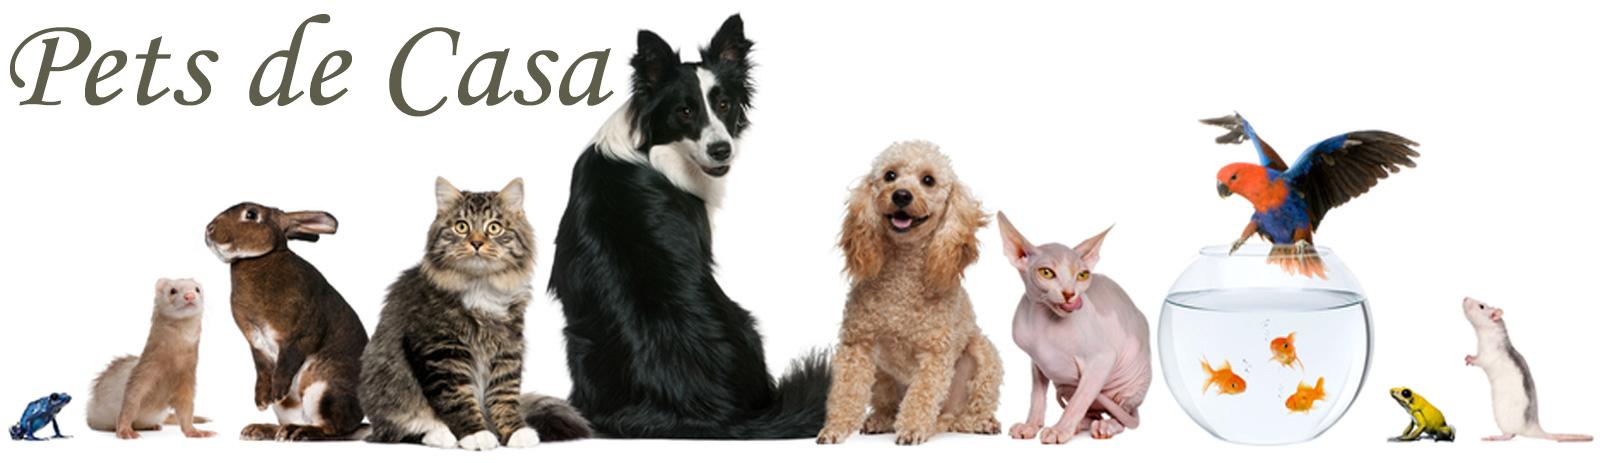 Pets de Casa